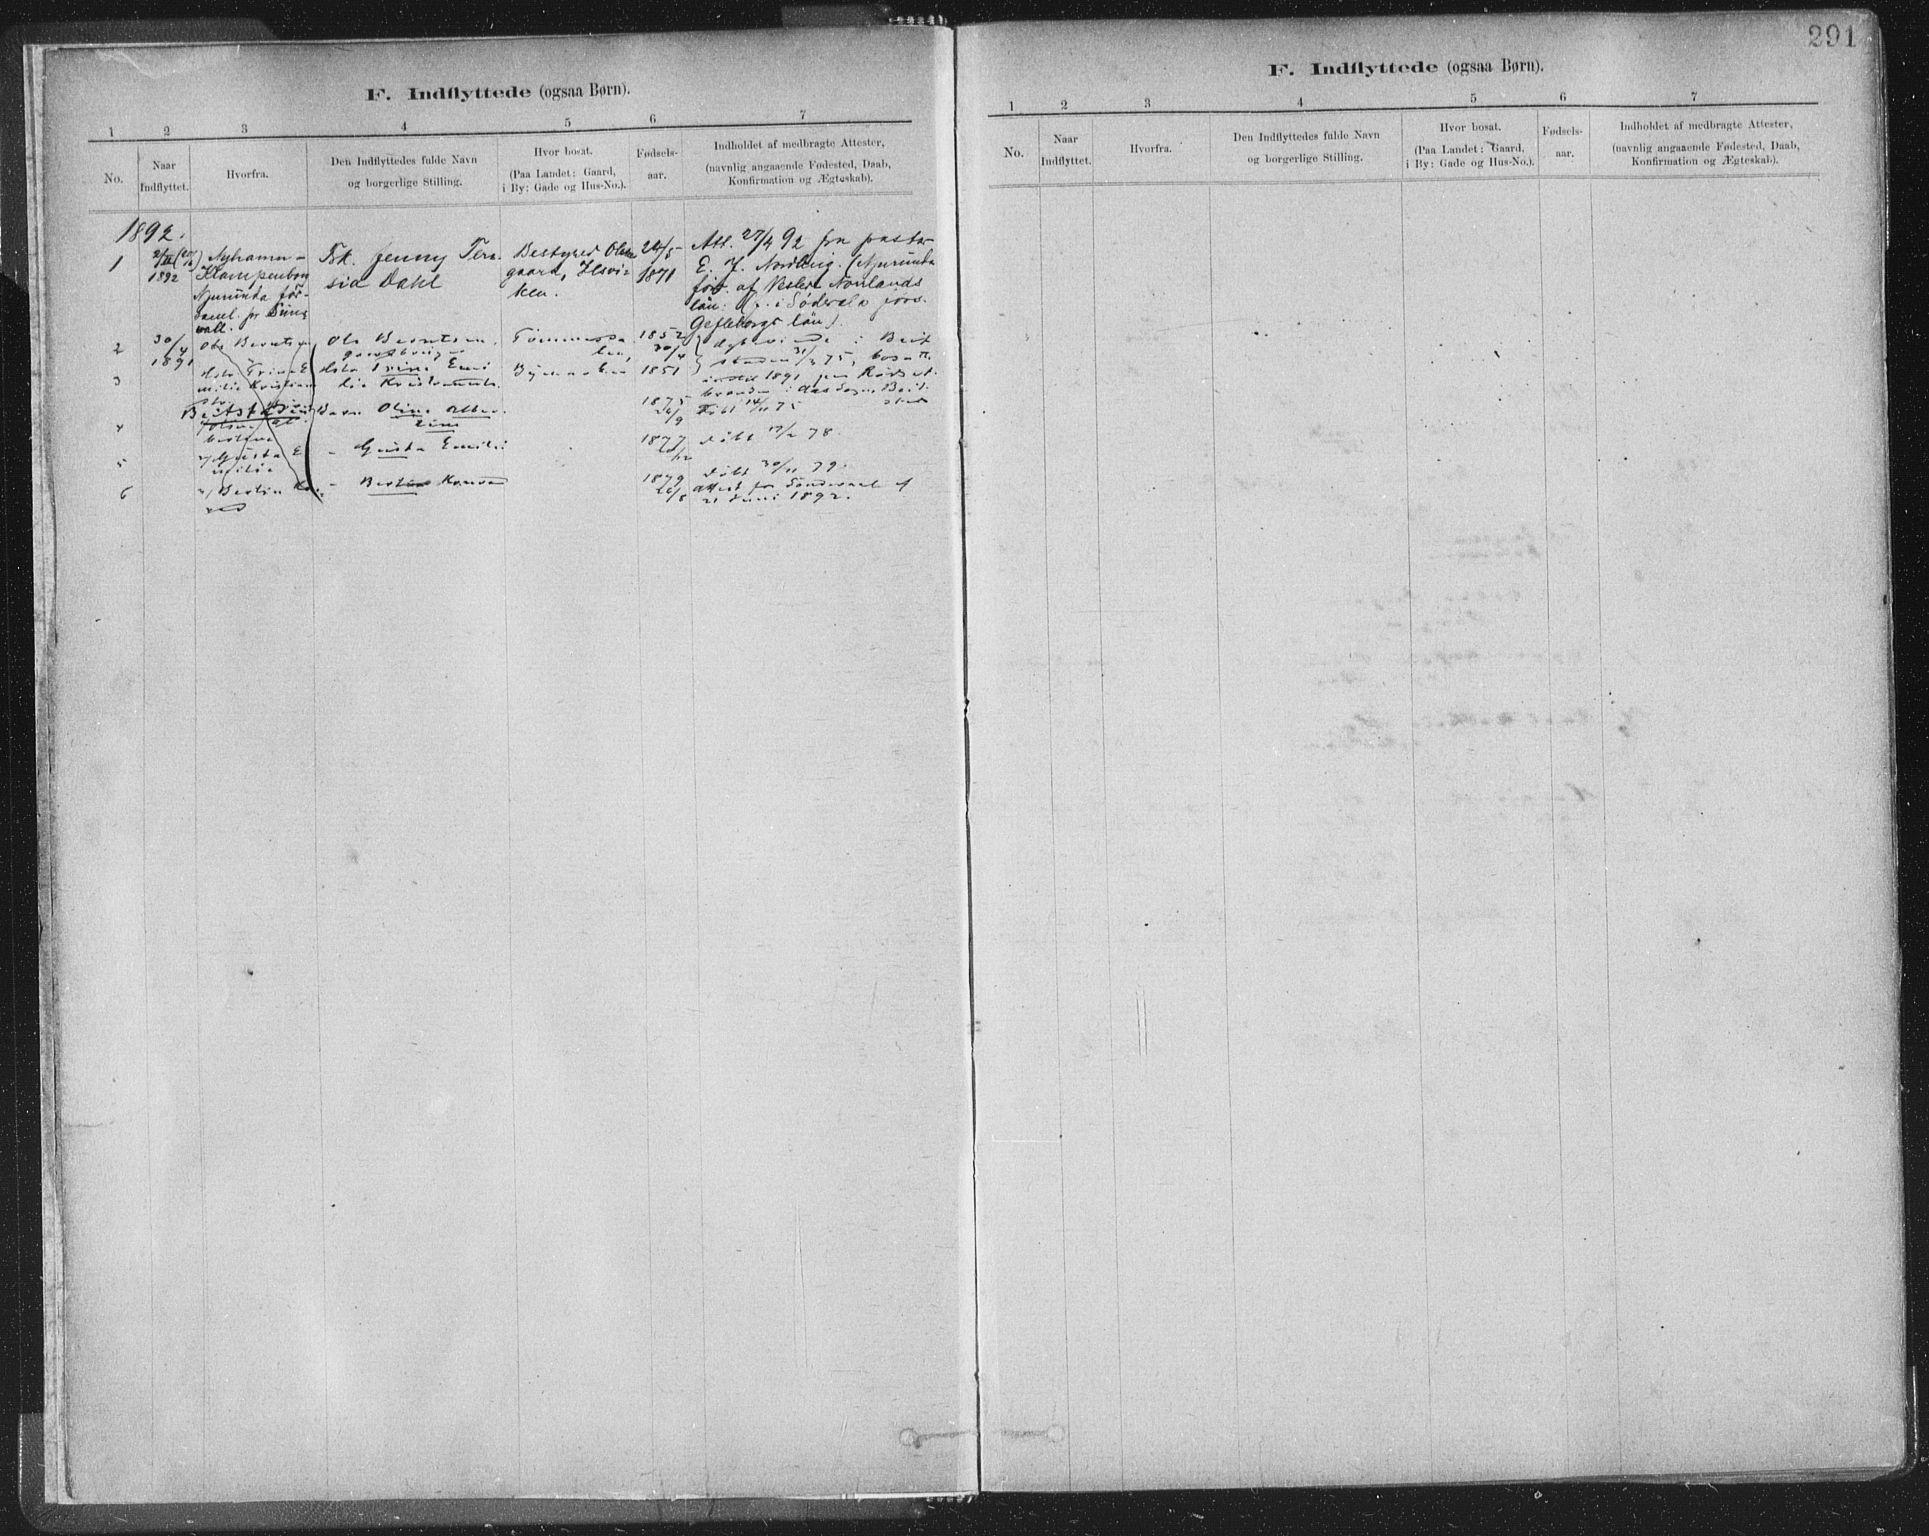 SAT, Ministerialprotokoller, klokkerbøker og fødselsregistre - Sør-Trøndelag, 603/L0163: Ministerialbok nr. 603A02, 1879-1895, s. 291